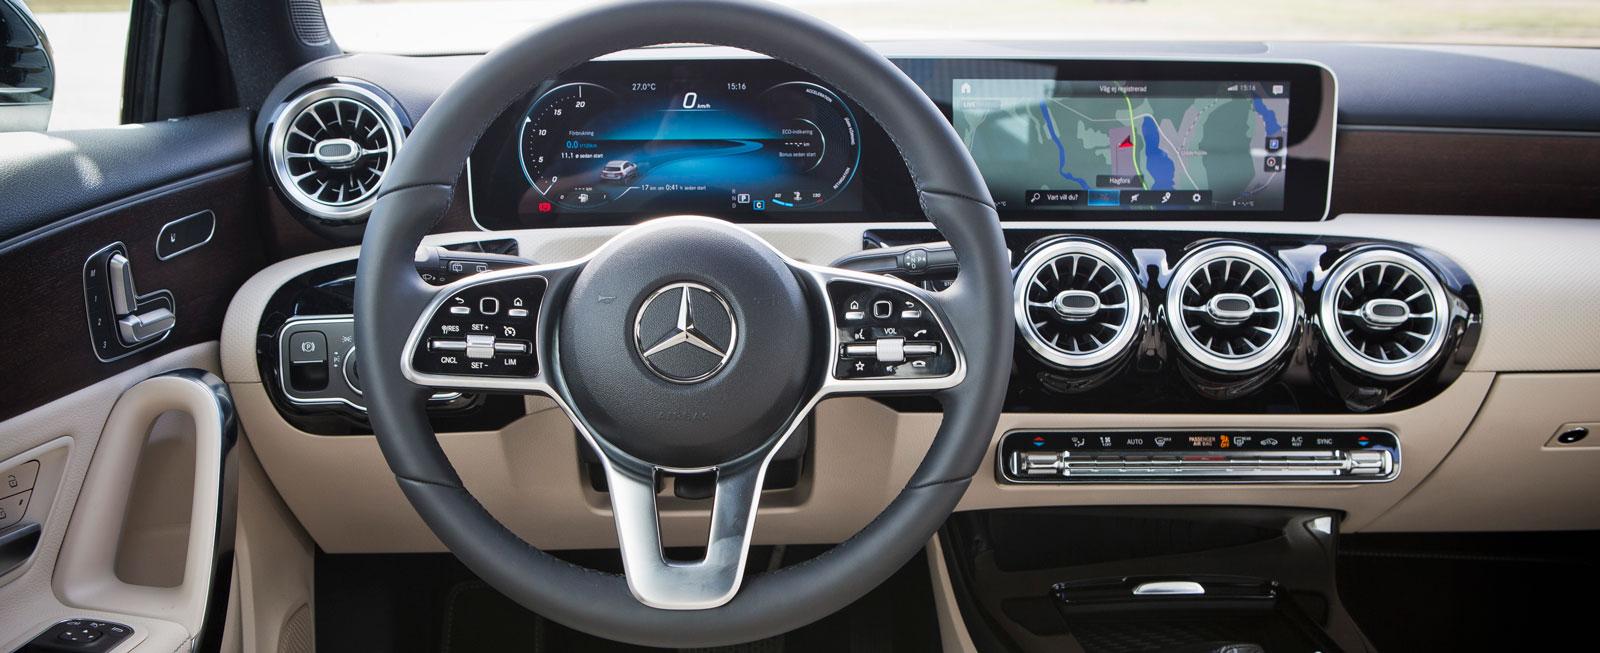 Som en jätte-iPhone på tvären i A-klass. Nya stilen hos Mercedes tilltalar säkert en yngre publik och är läcker att se och – faktiskt! – enkel att sköta.